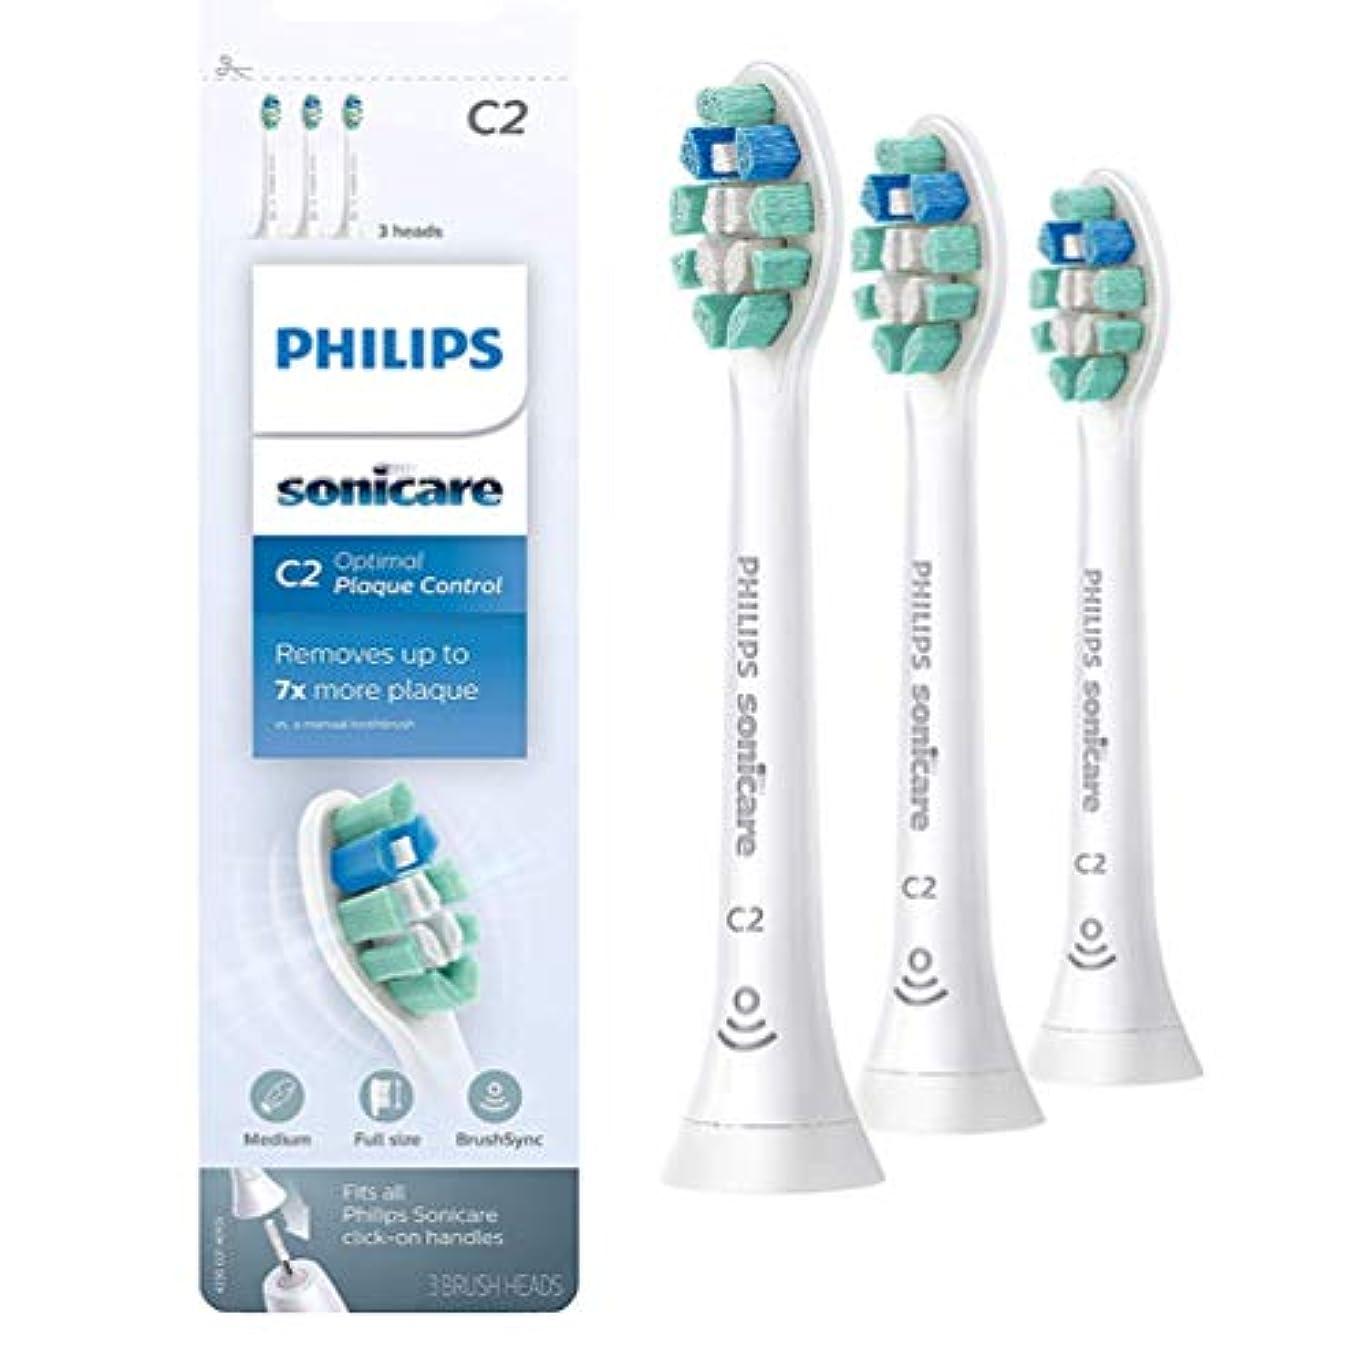 成熟乱れ傀儡(正規品)Philips Sonicareソニッケアークリーンプラス (旧プラークディフェンス)電動歯ブラシHX9023 3本組